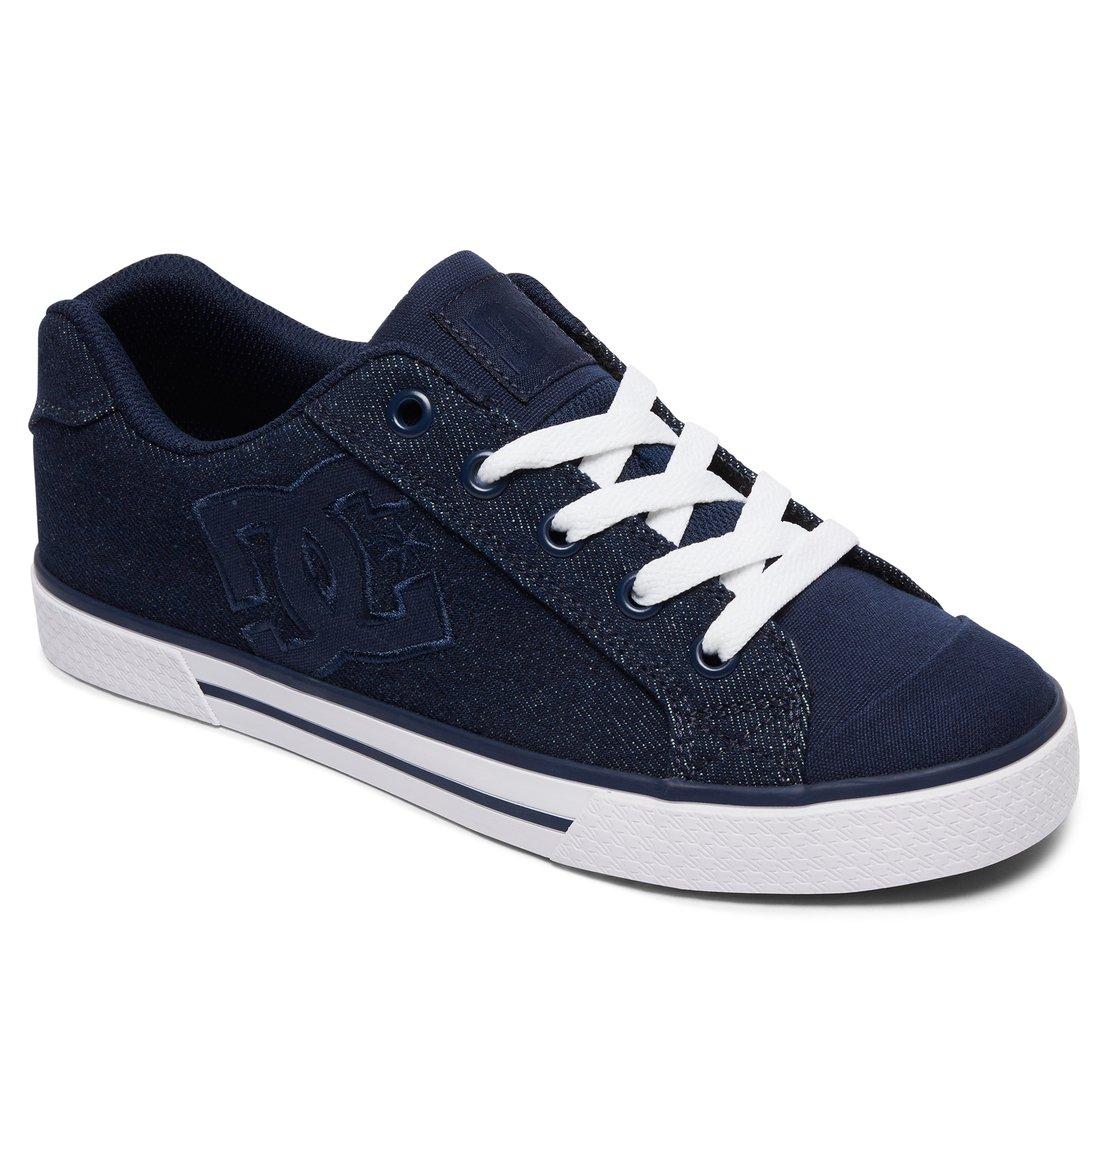 DC Chelsea TX SE Zapatillas de la Mujer, Color Azul, Talla 36 EU